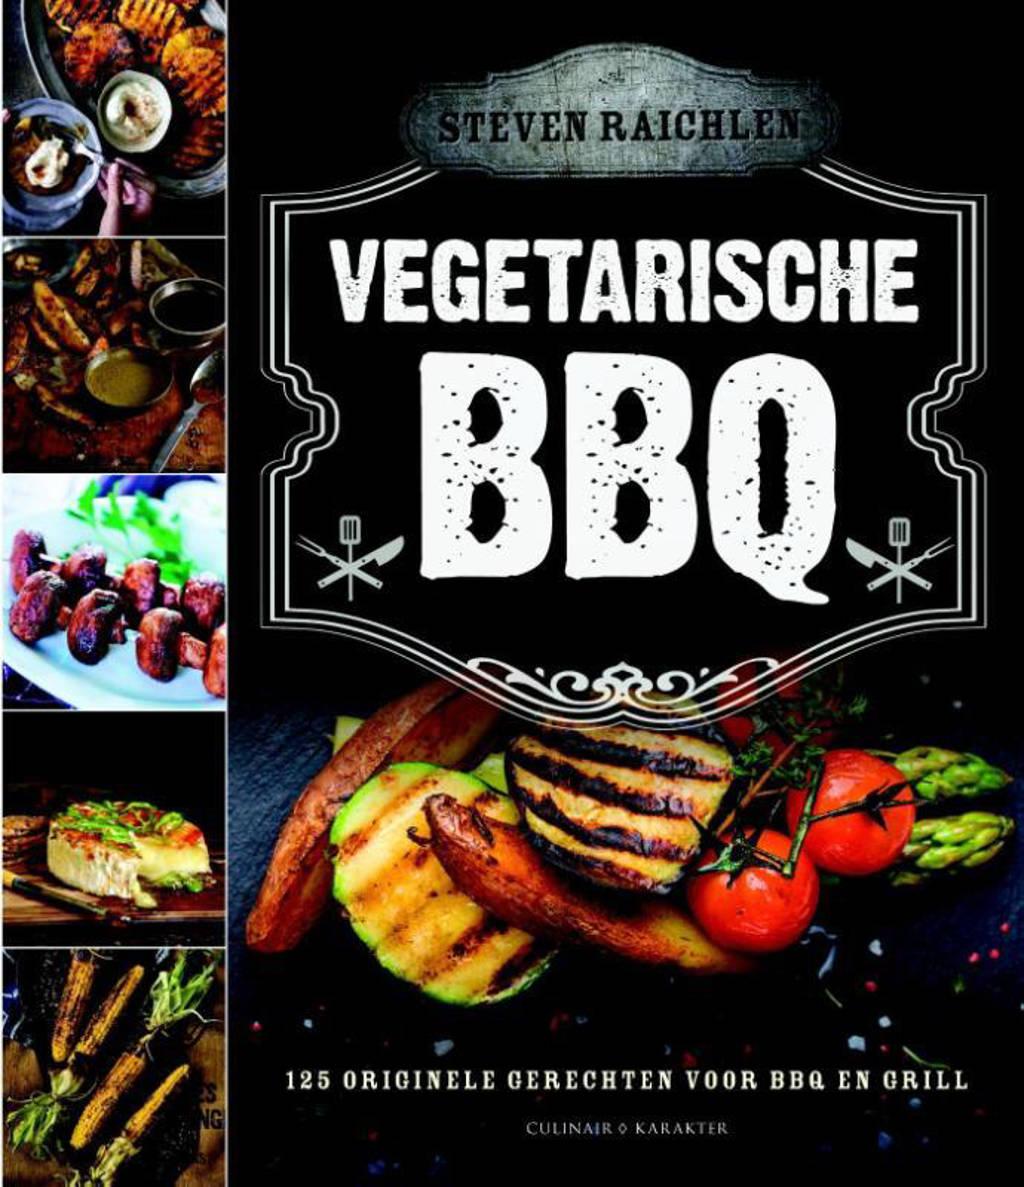 Vegetarische BBQ - Steven Raichlen